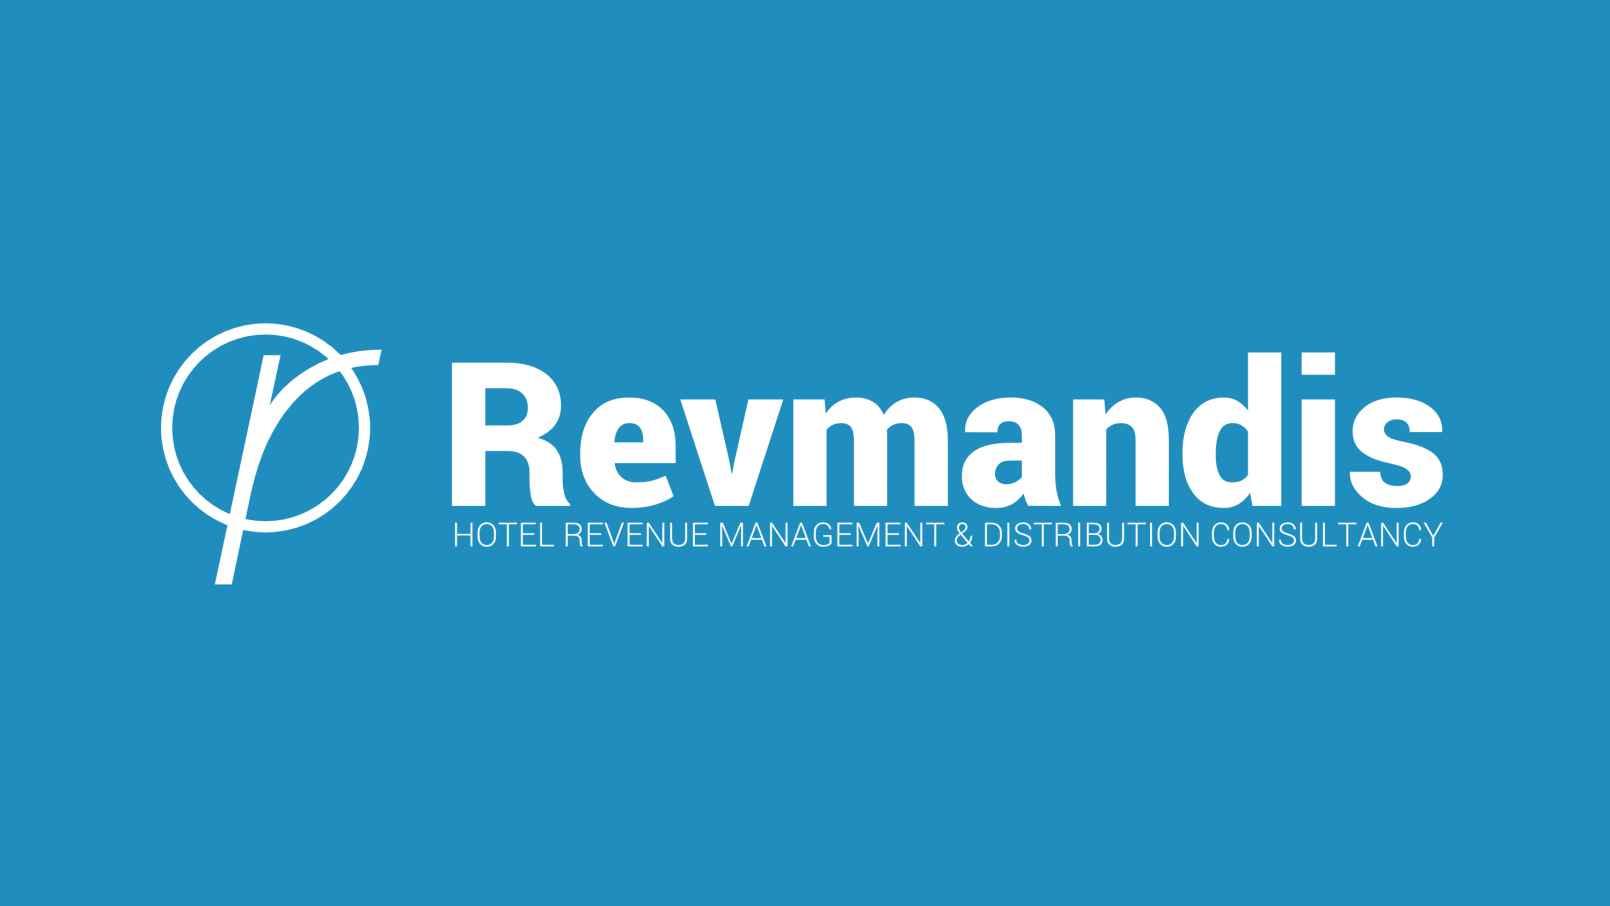 Revmandis - Revenue Management & Distribution Consultancy